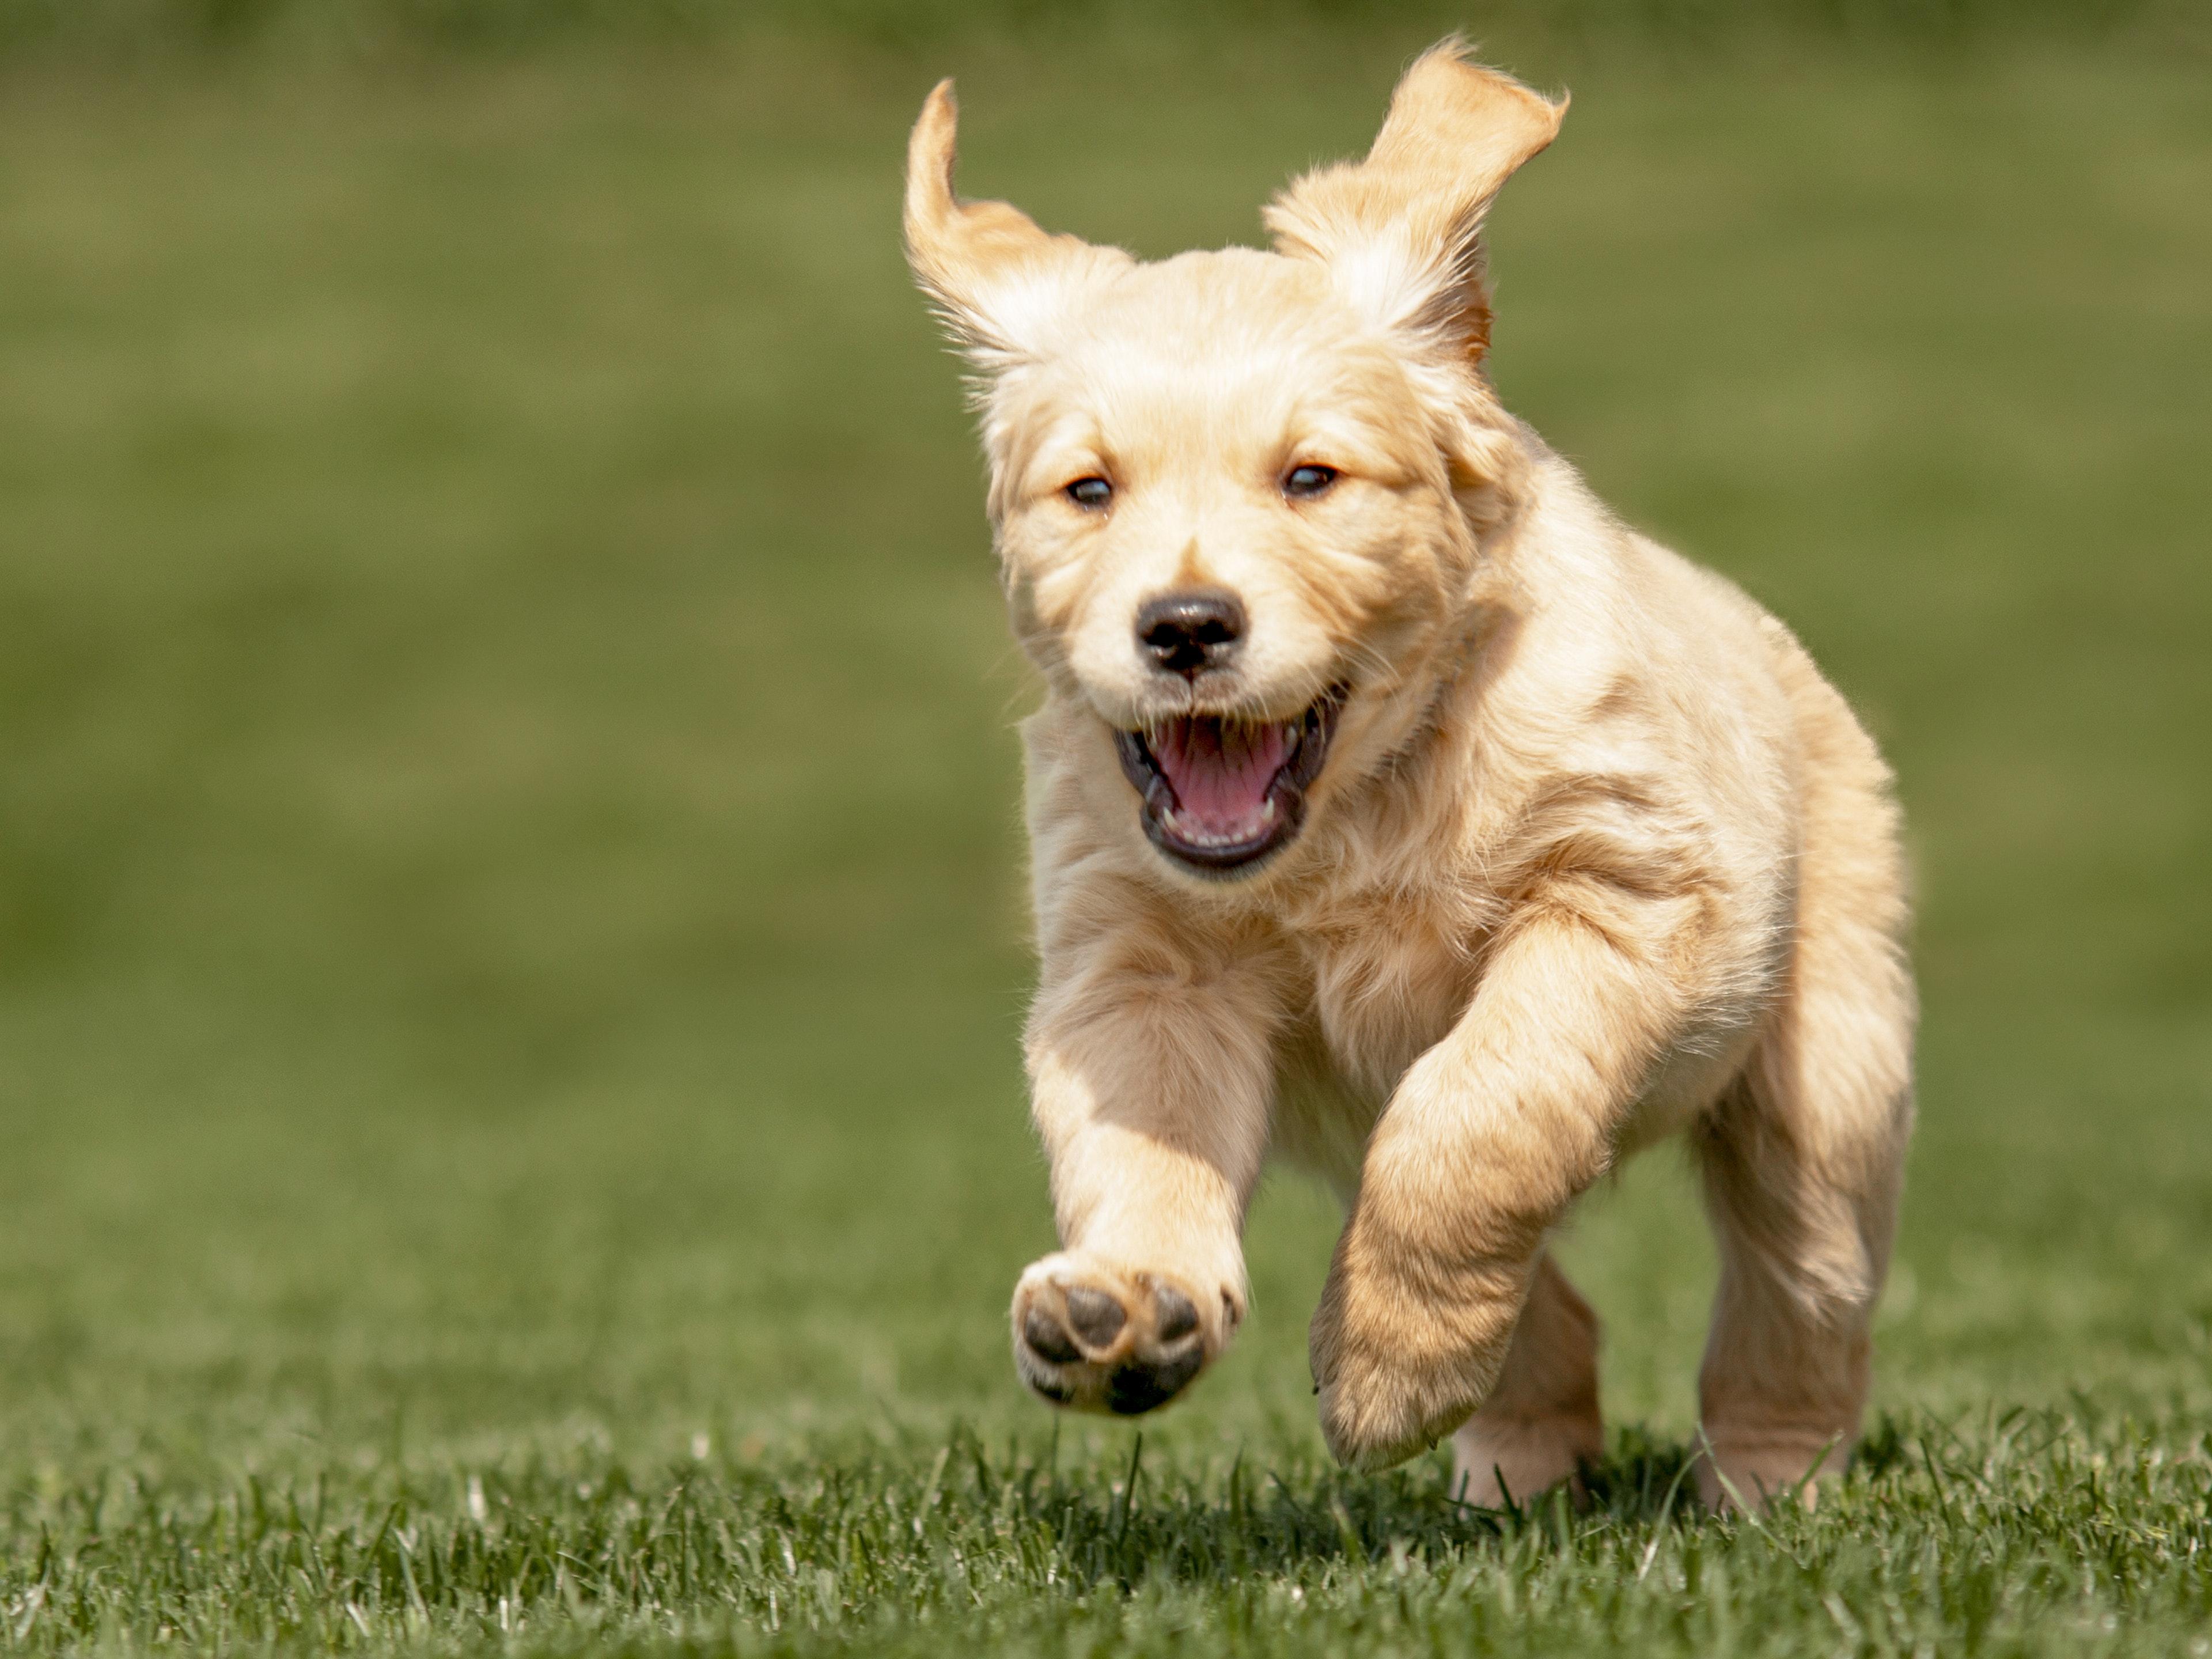 Golden Retriever puppy running outdoors in the grass